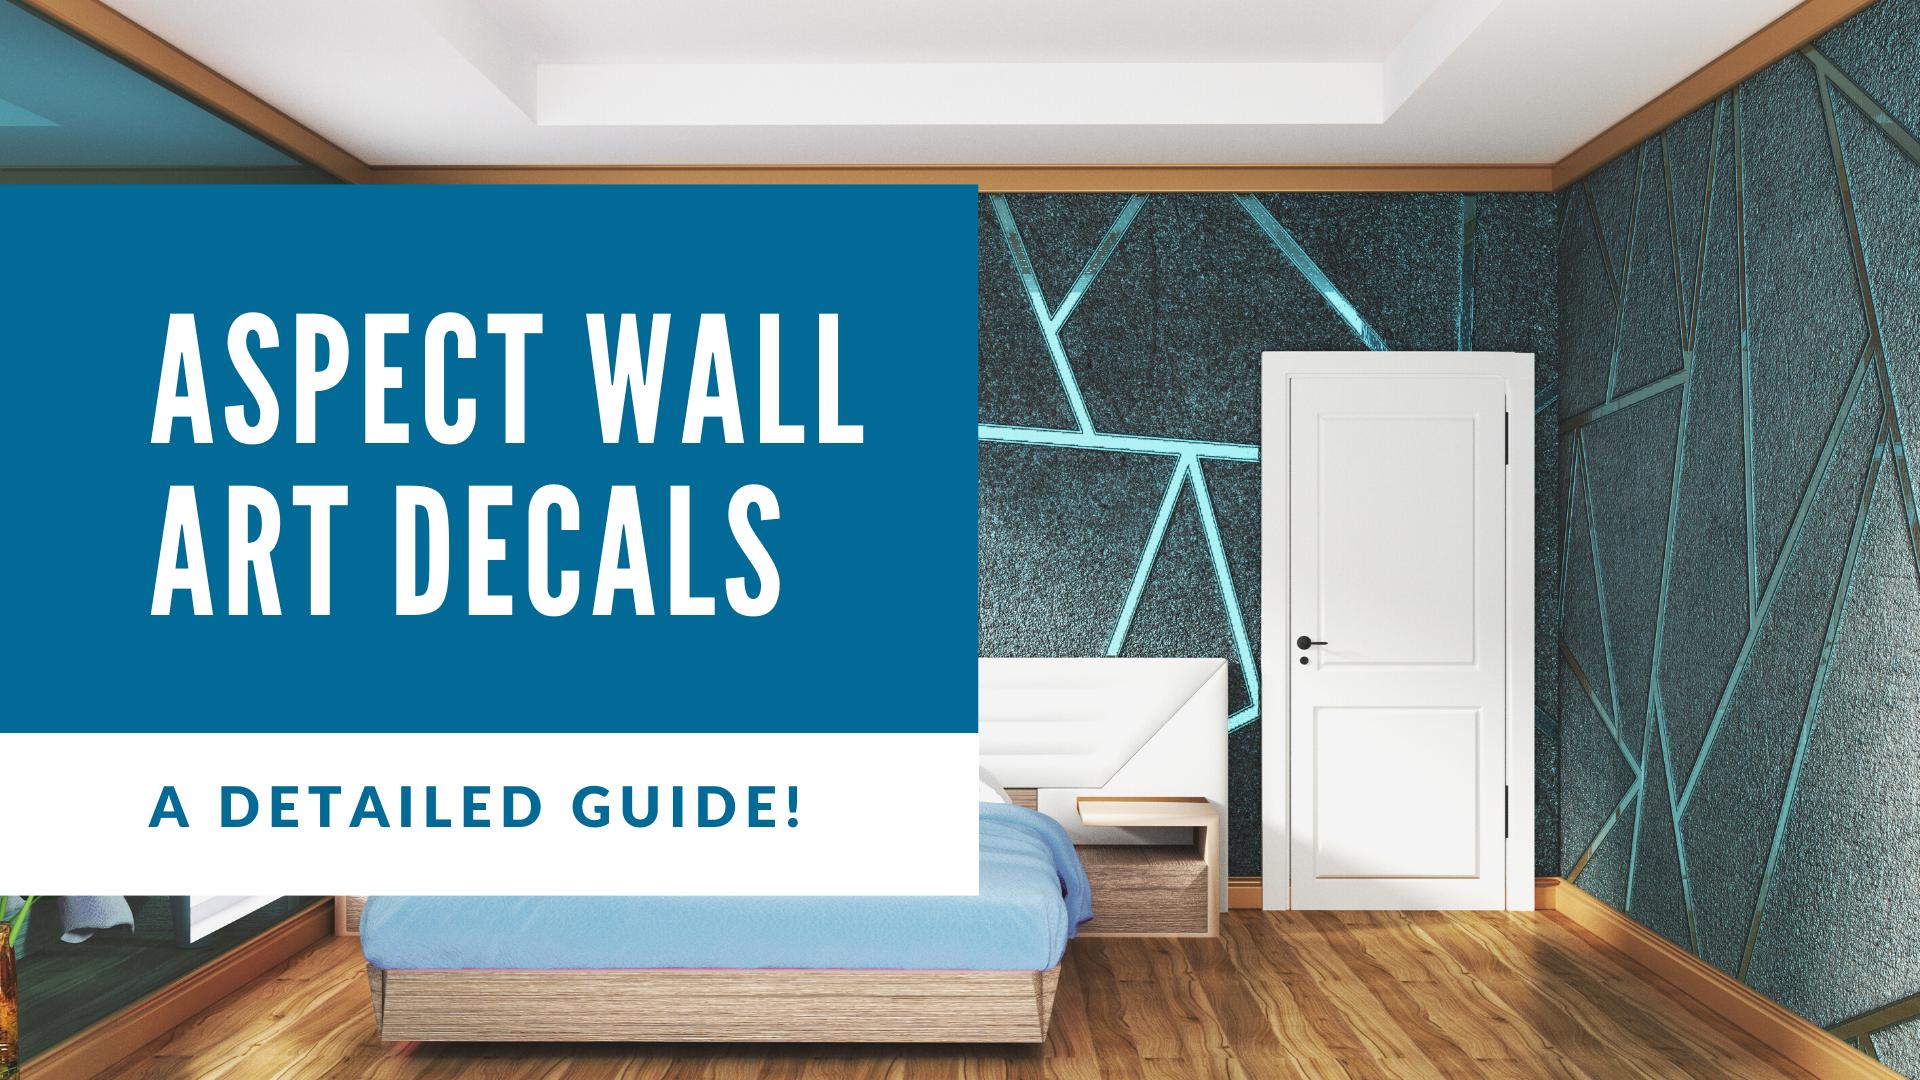 Aspect Wall Art Decals